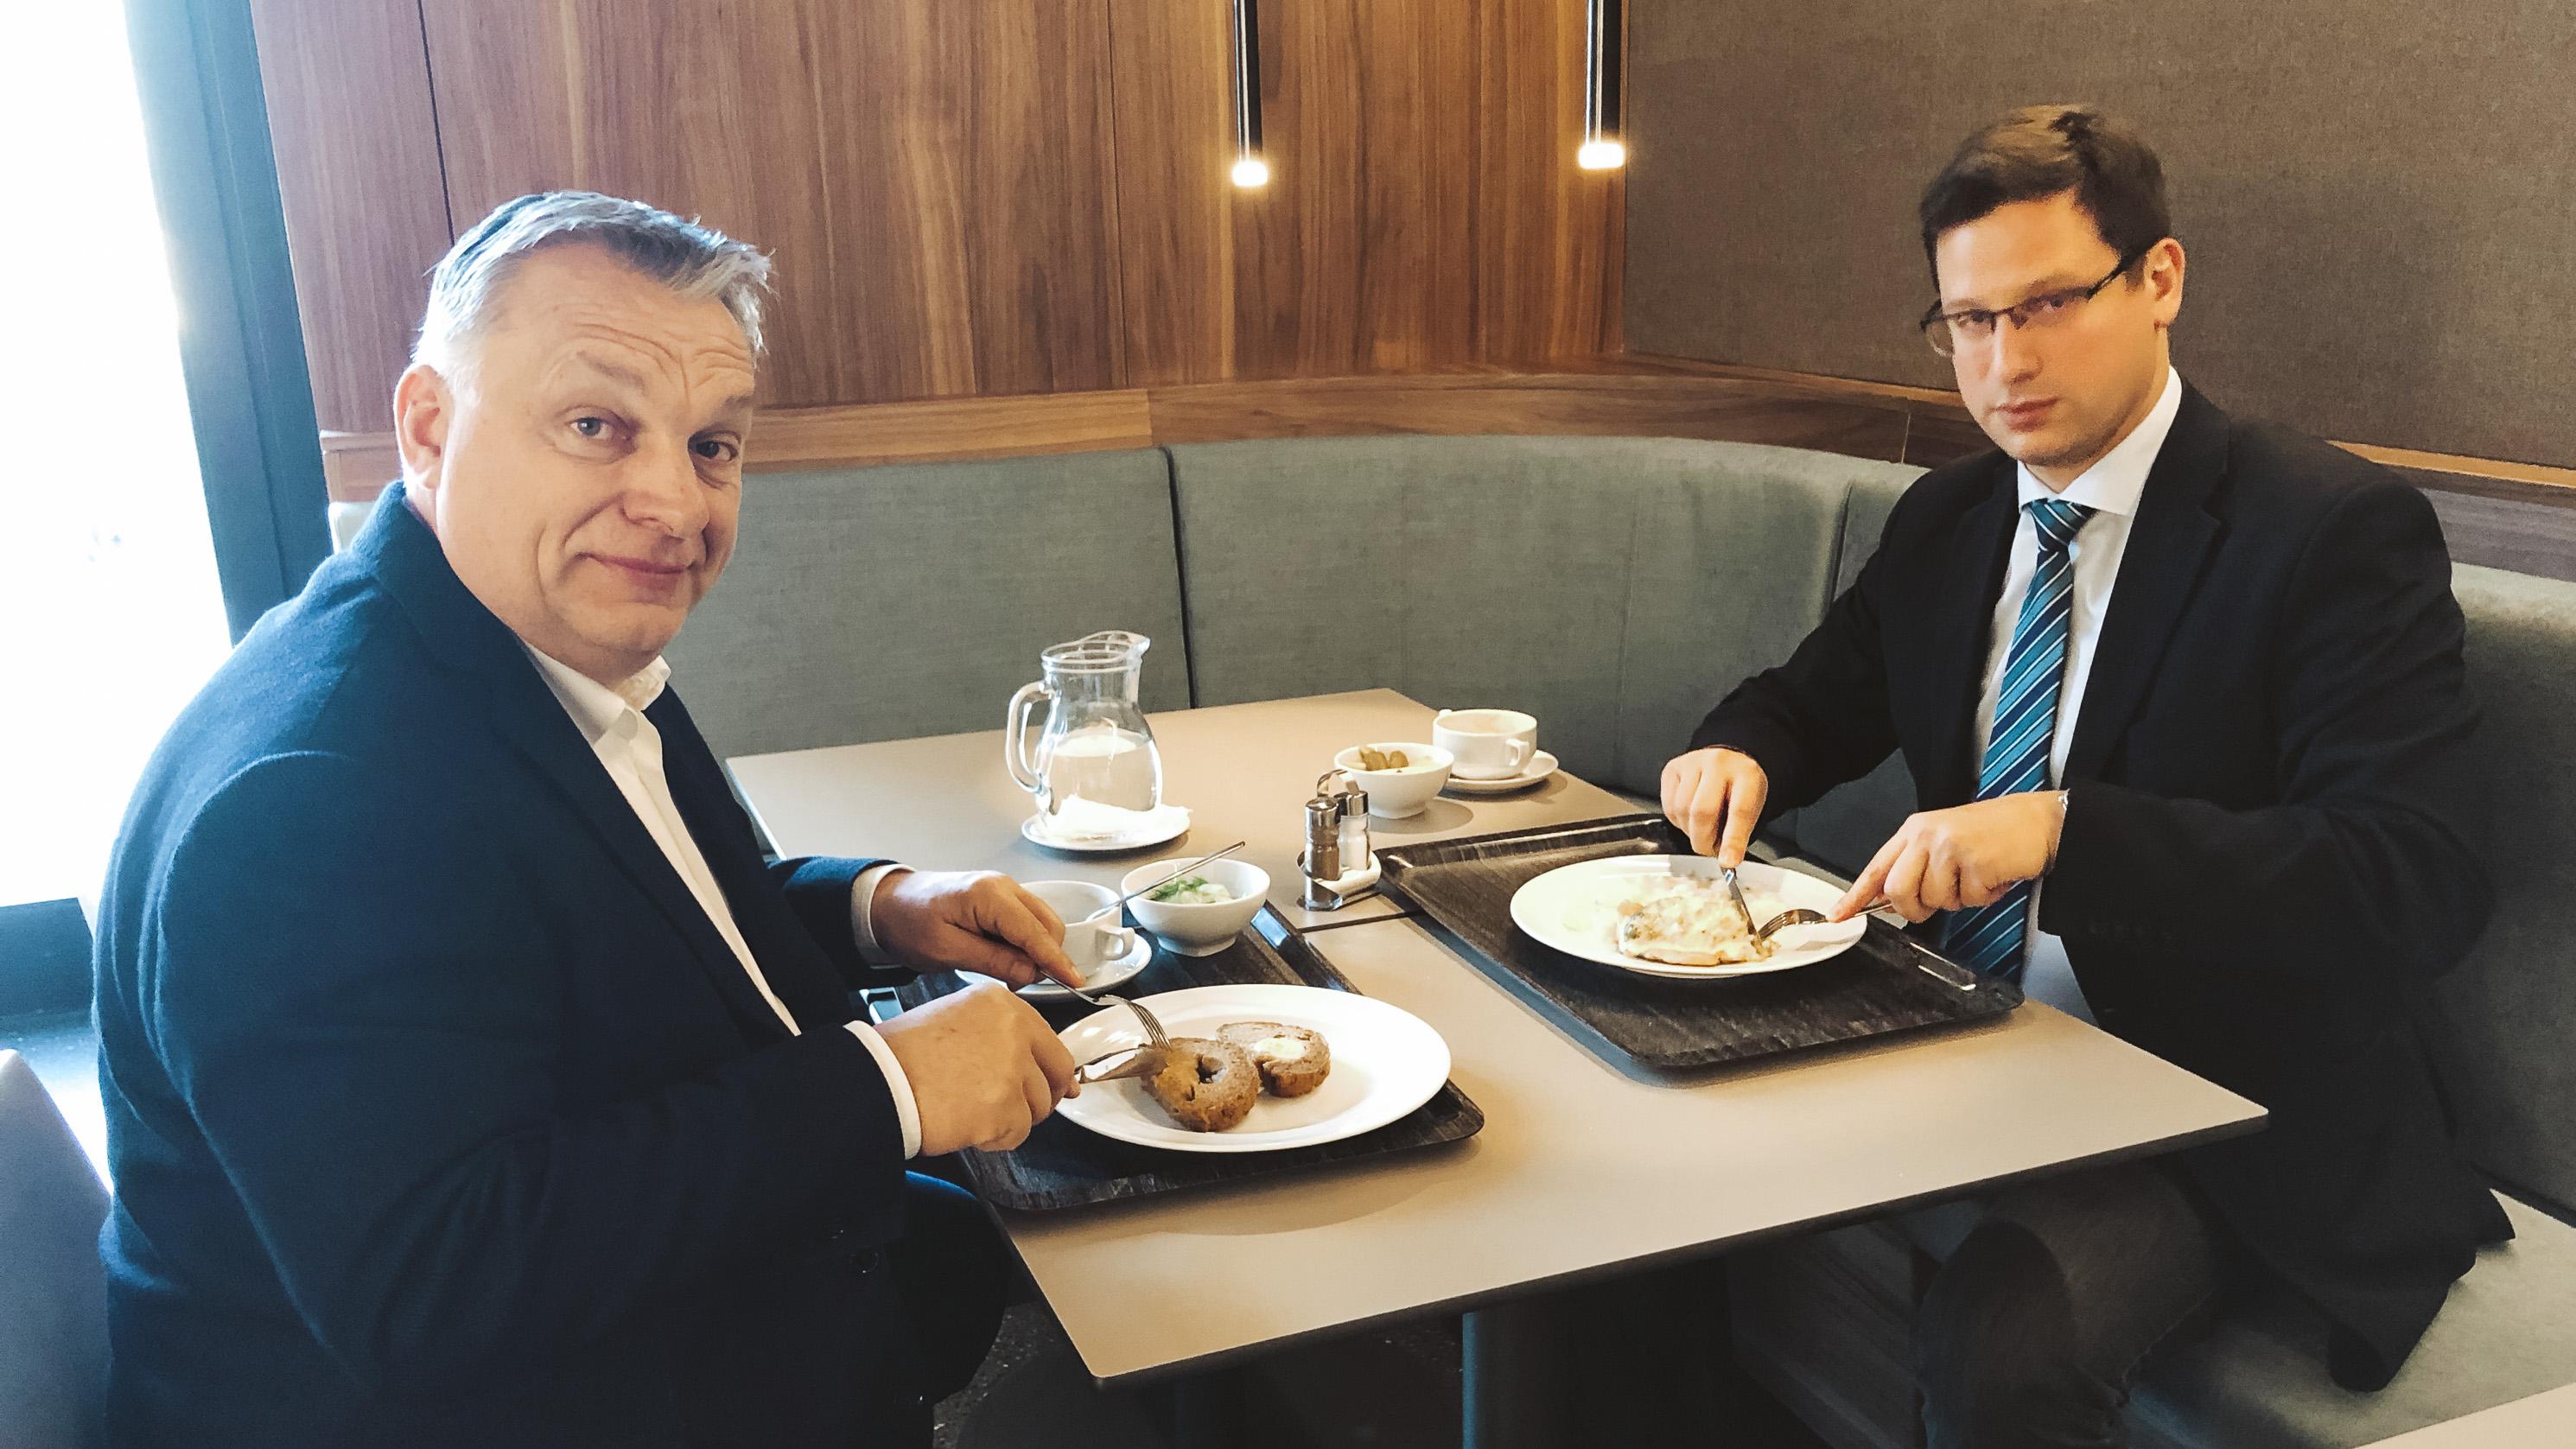 Gulyás Gergelyt majdnem Magyar Narancs olvasásán kapta a fideszes újságíró, de a miniszter ügyesen kivágta magát